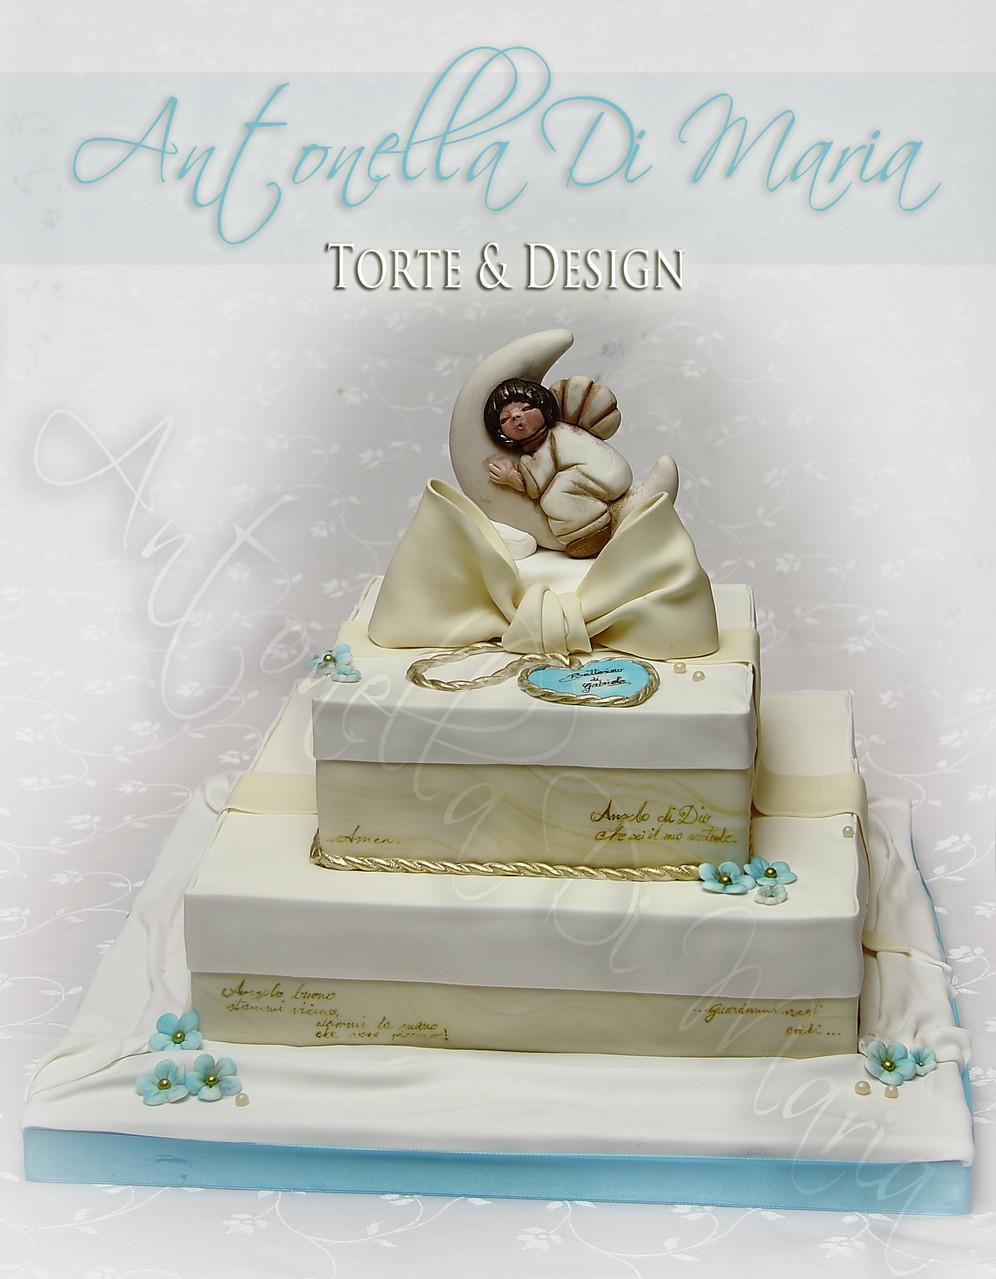 Comunioni & Cresime - Antonella Di Maria Torte & Design ...